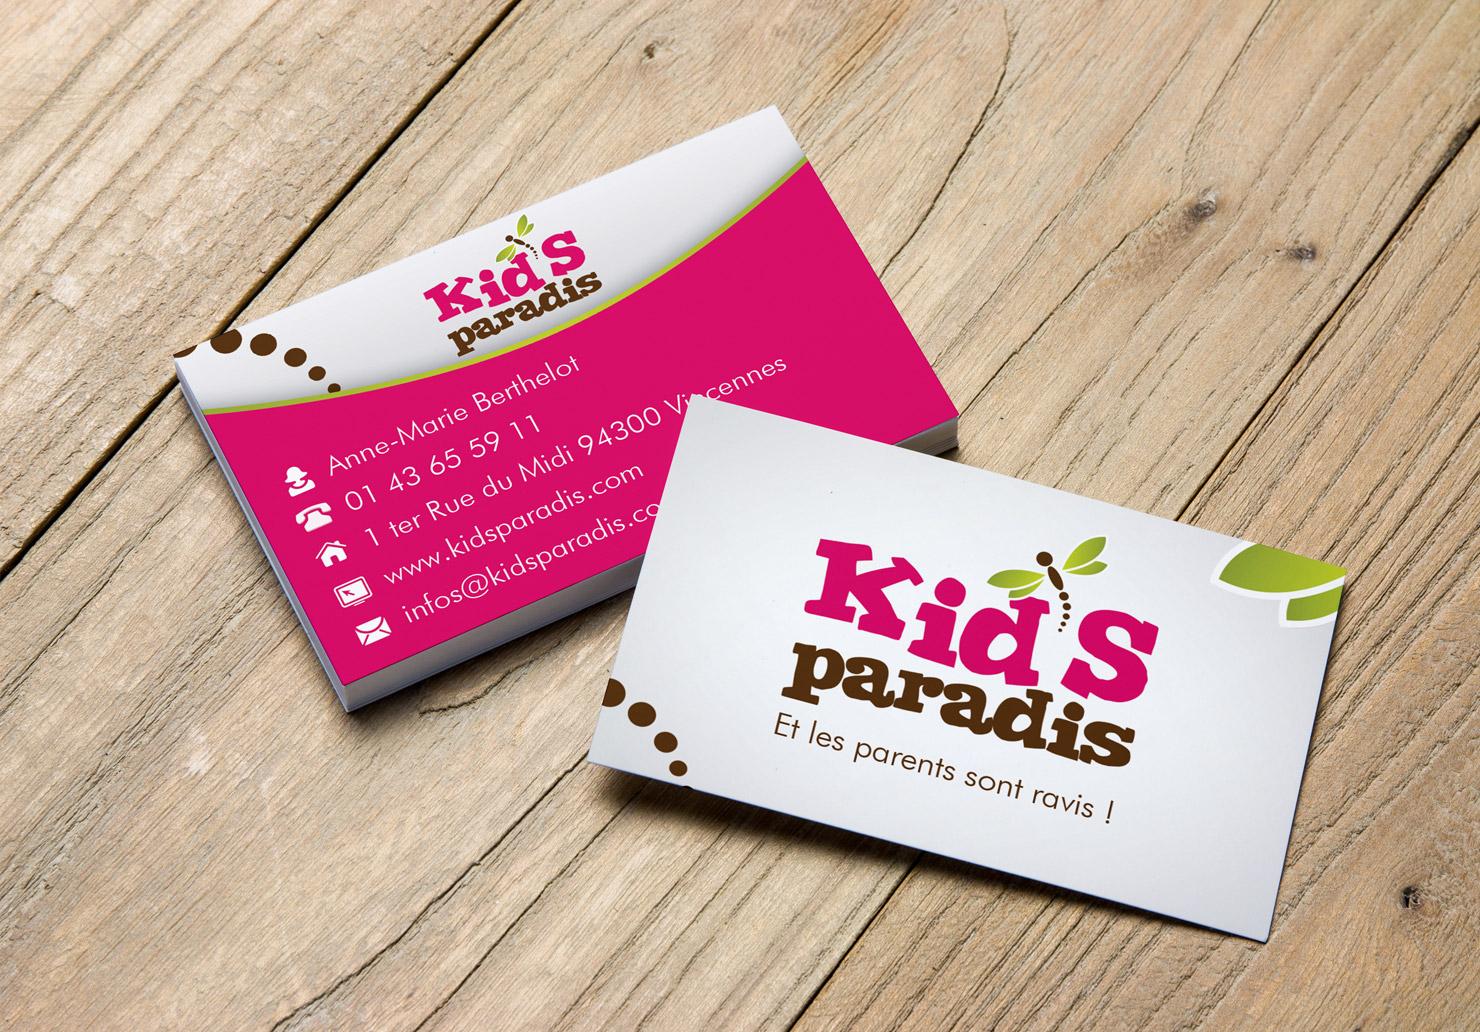 Carte de visite Kid's Paradis - Création de carte de visite par Emilie Le Béhérec Prima, Graphiste freelance dans le domaine de l'enfance